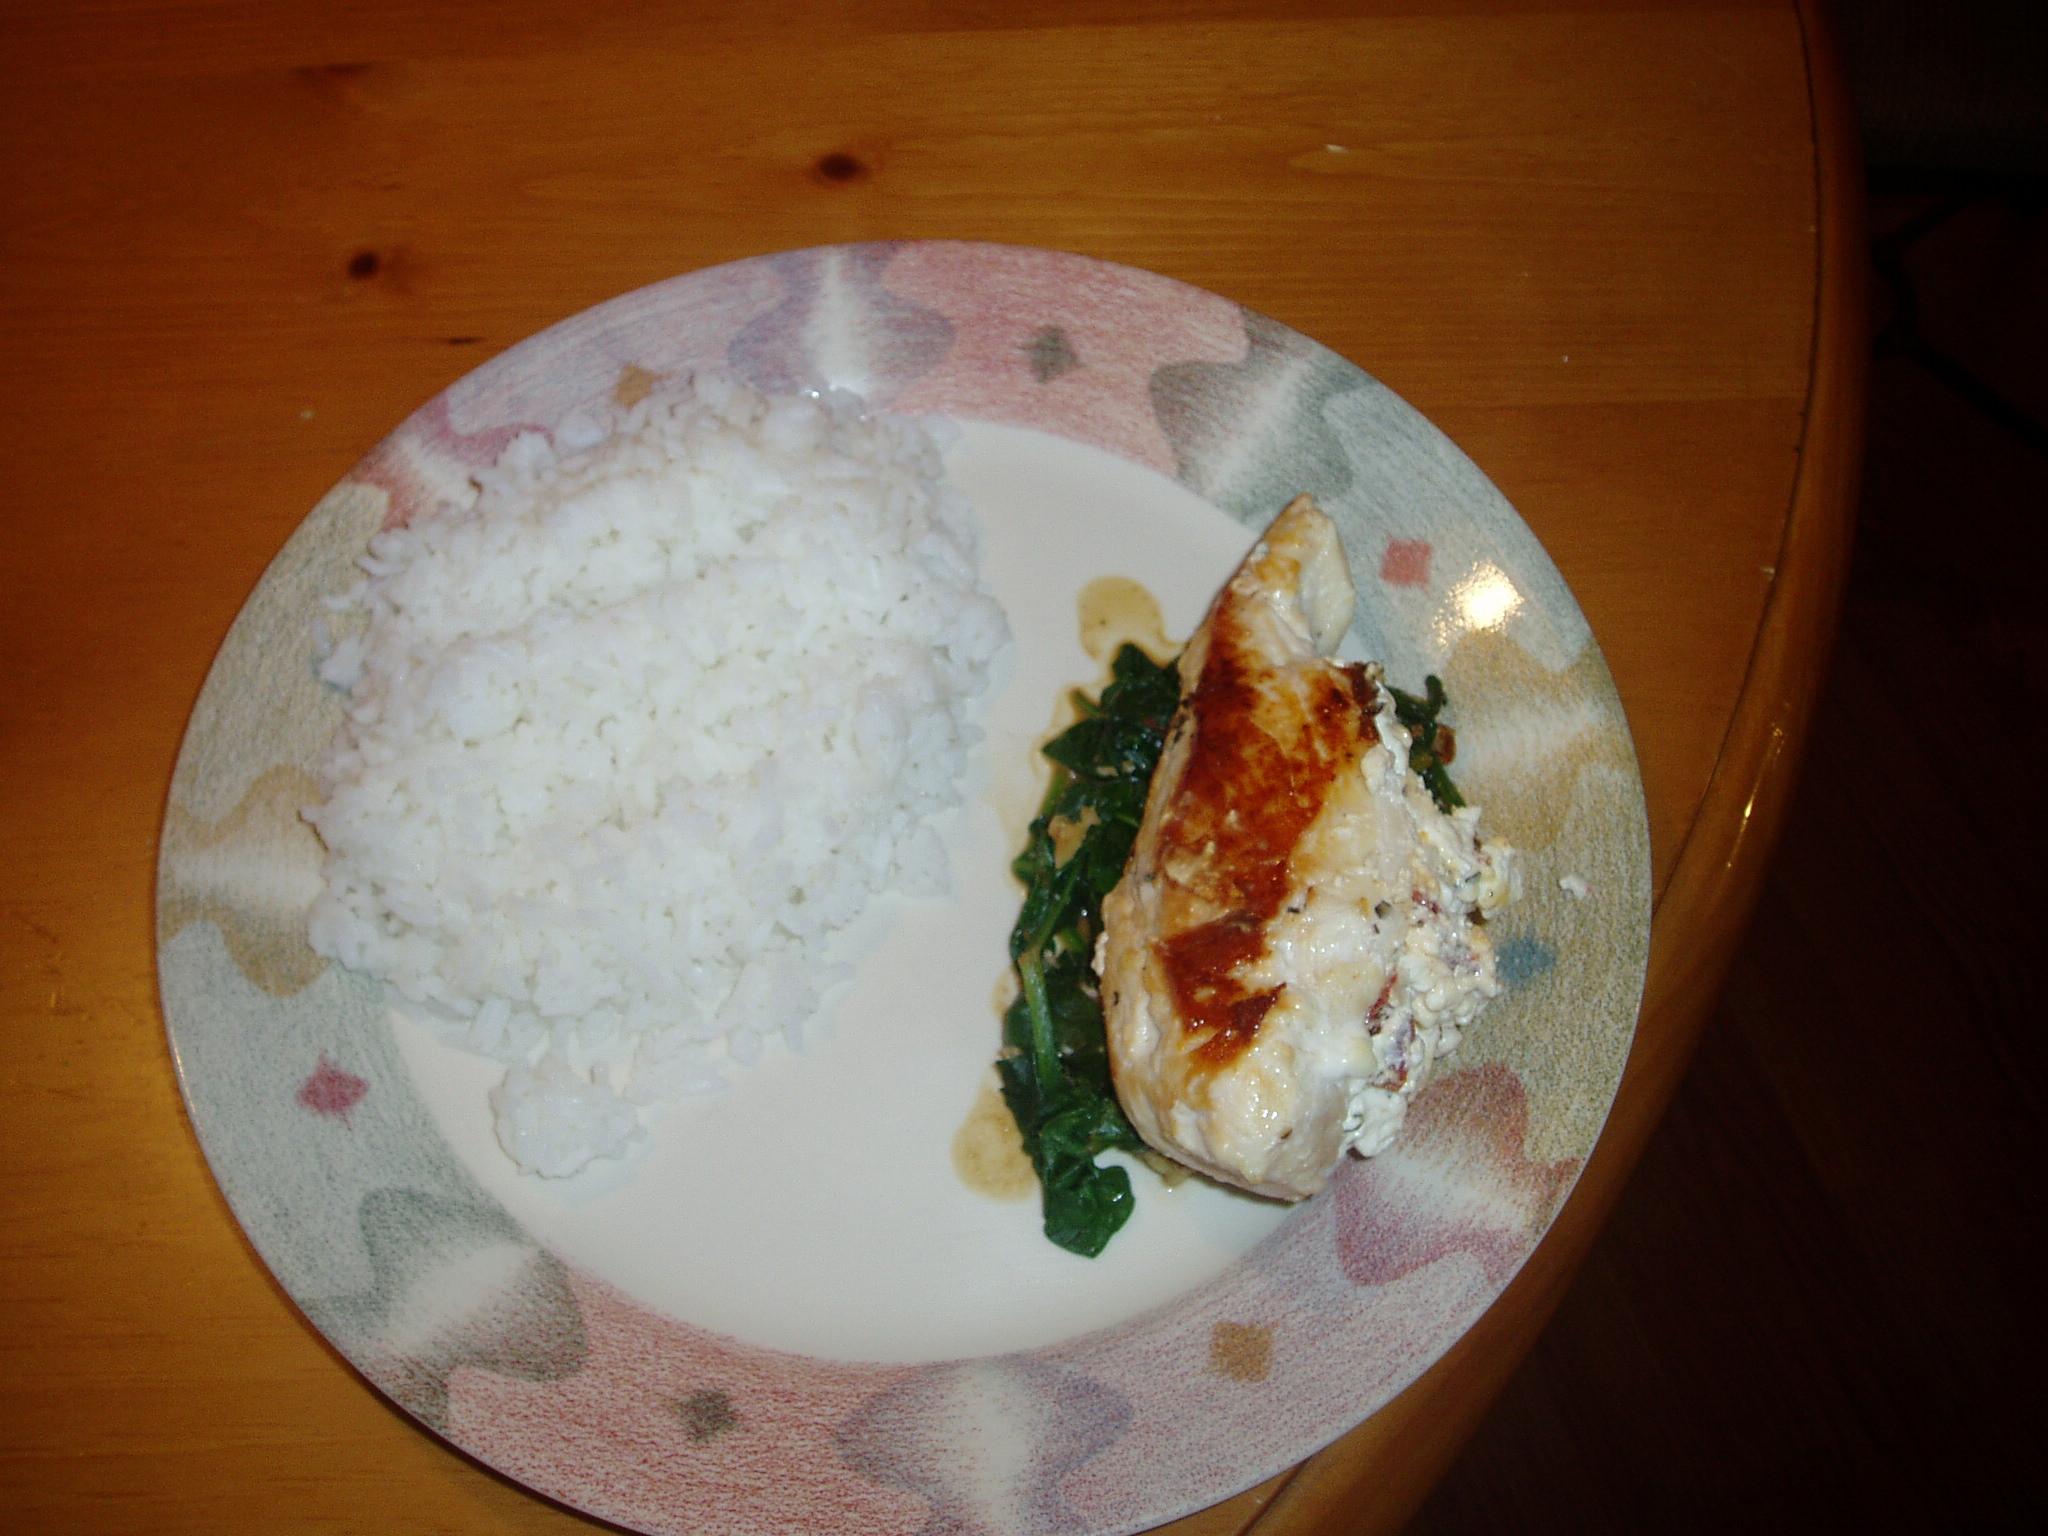 Feta-Stuffed Chicken